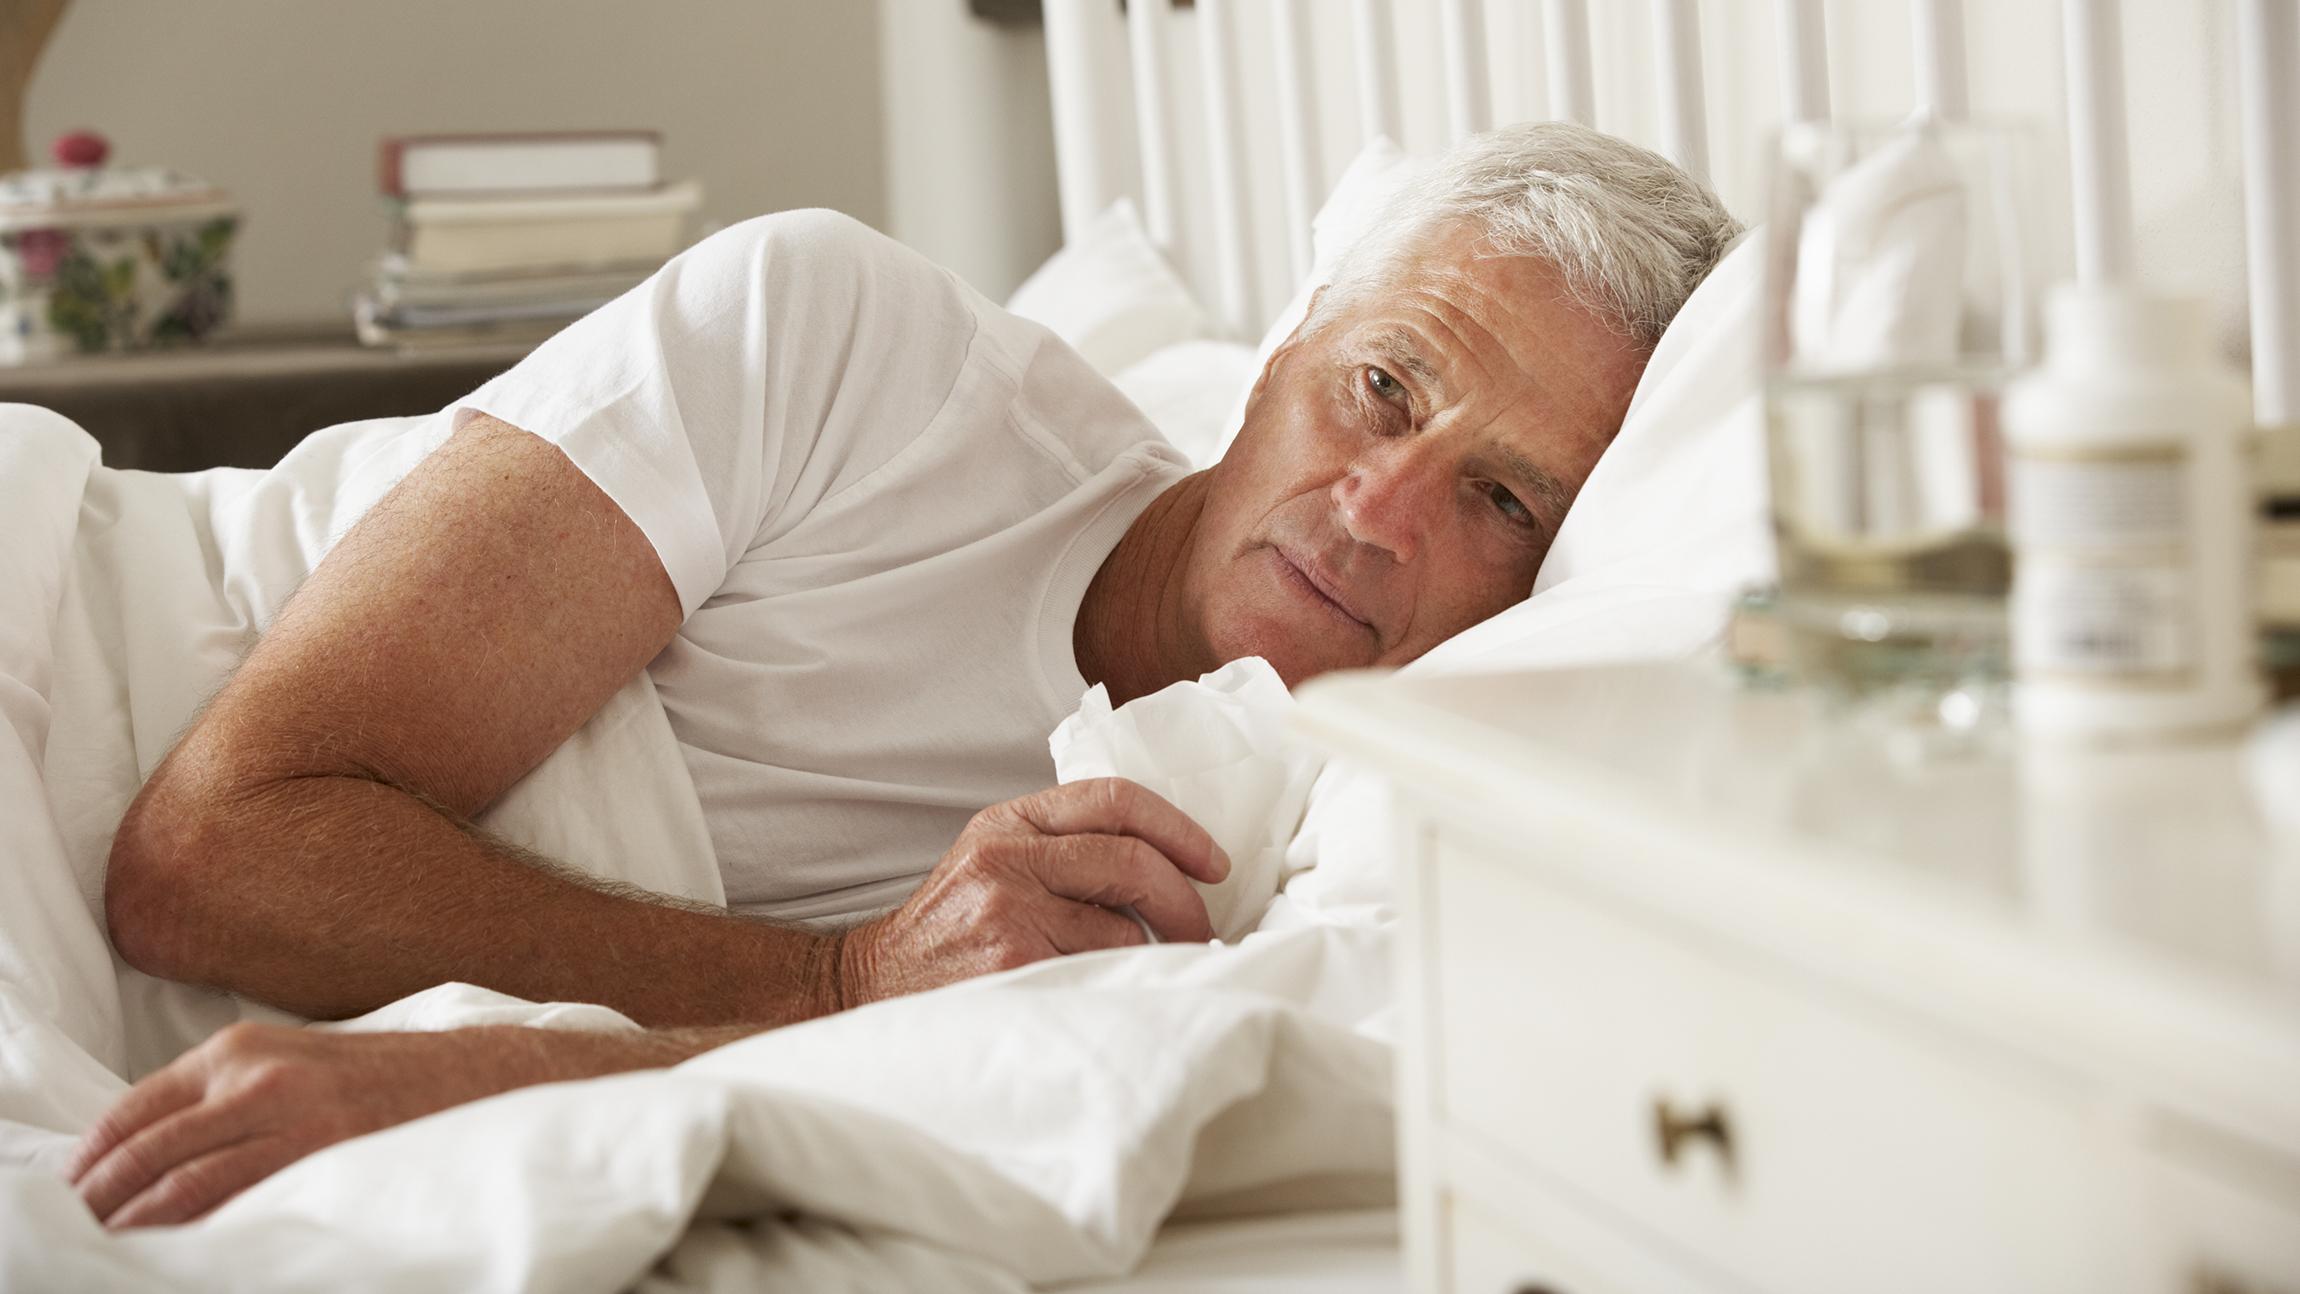 pneumonia adults older Walking in